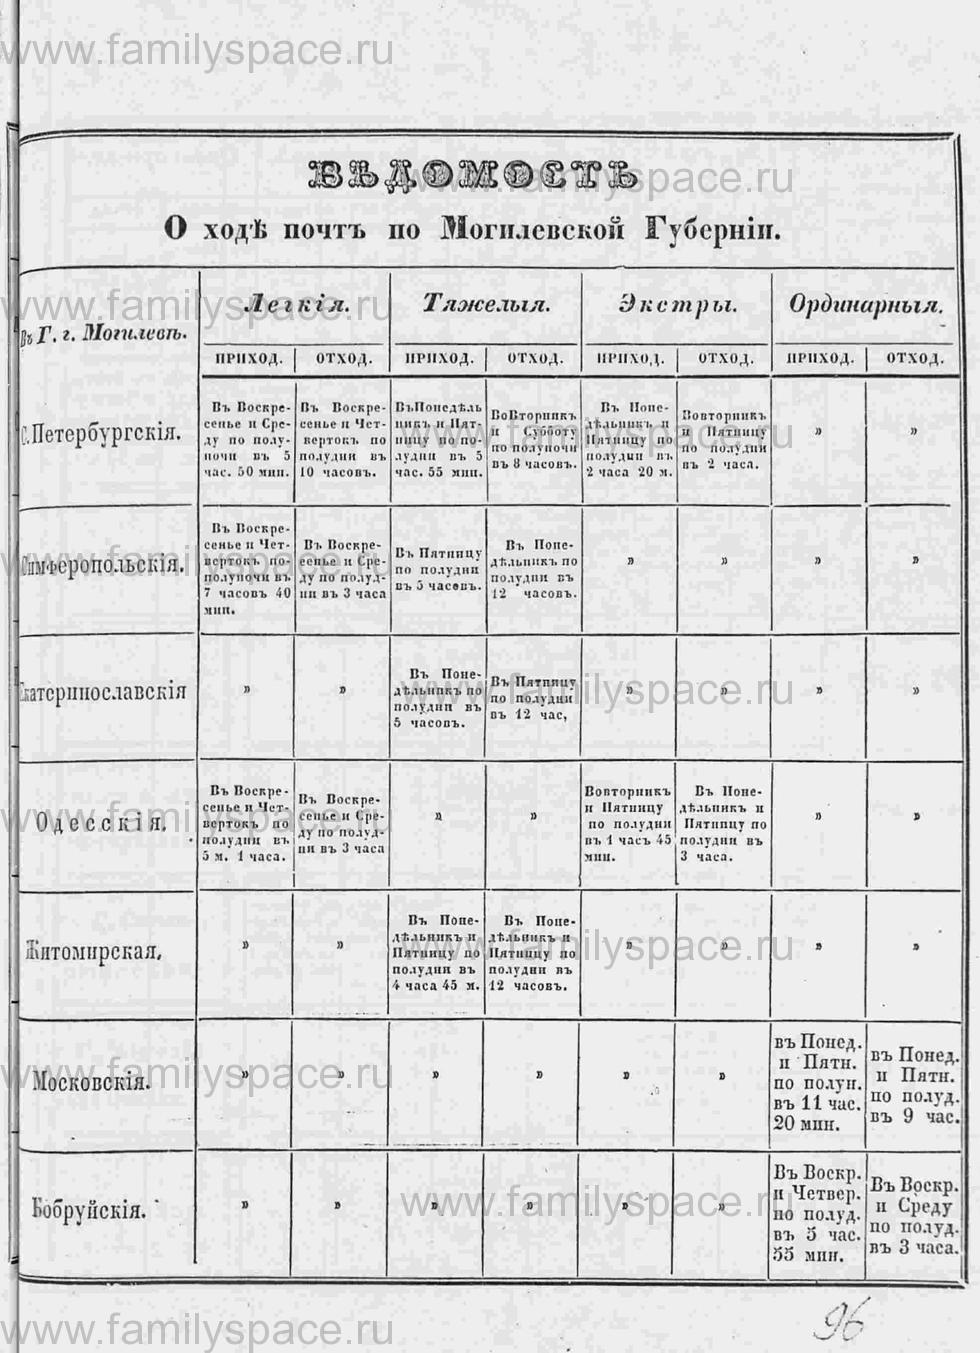 Поиск по фамилии - Памятная книга за 1853 год по Могилёвской губернии, страница 113